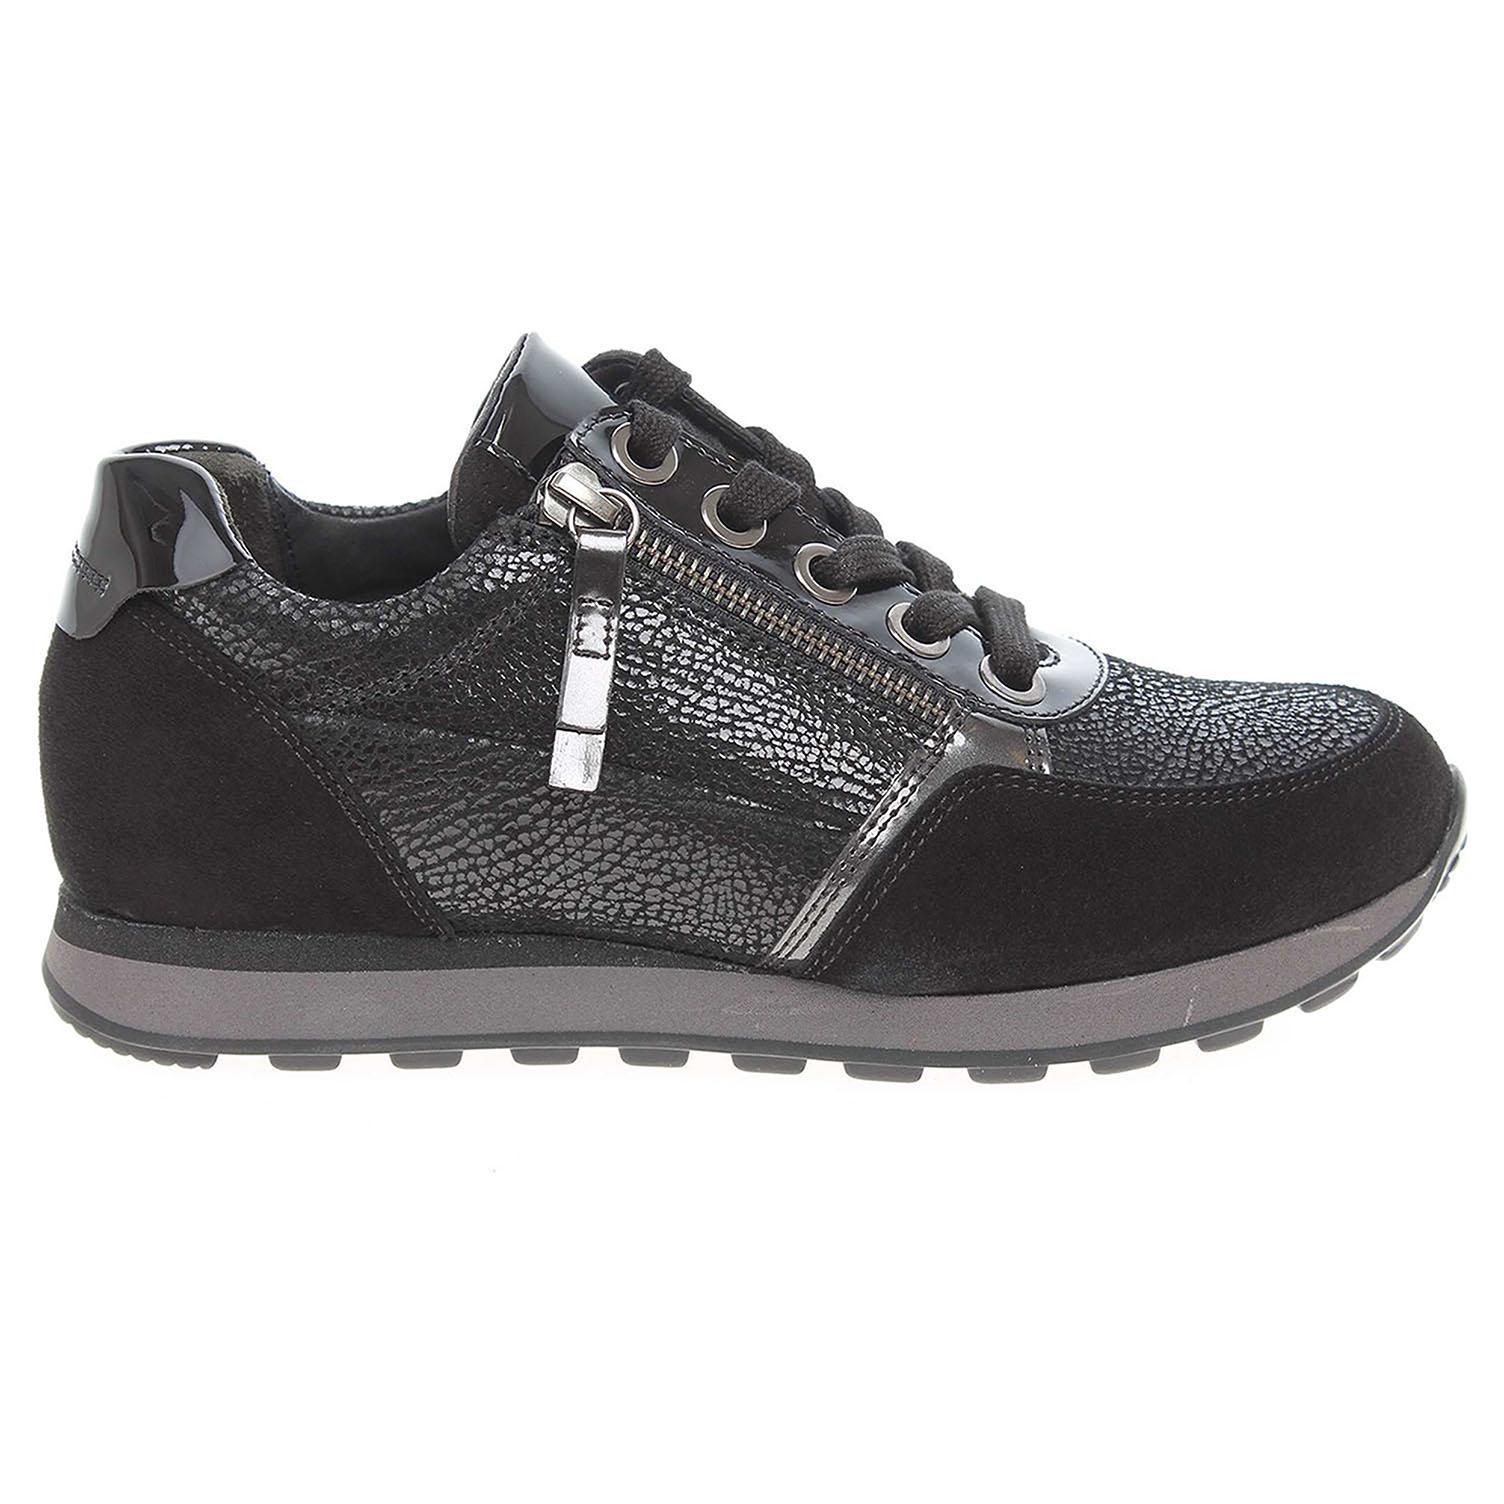 Ecco Gabor dámská obuv 76.335.97 černá 23200711